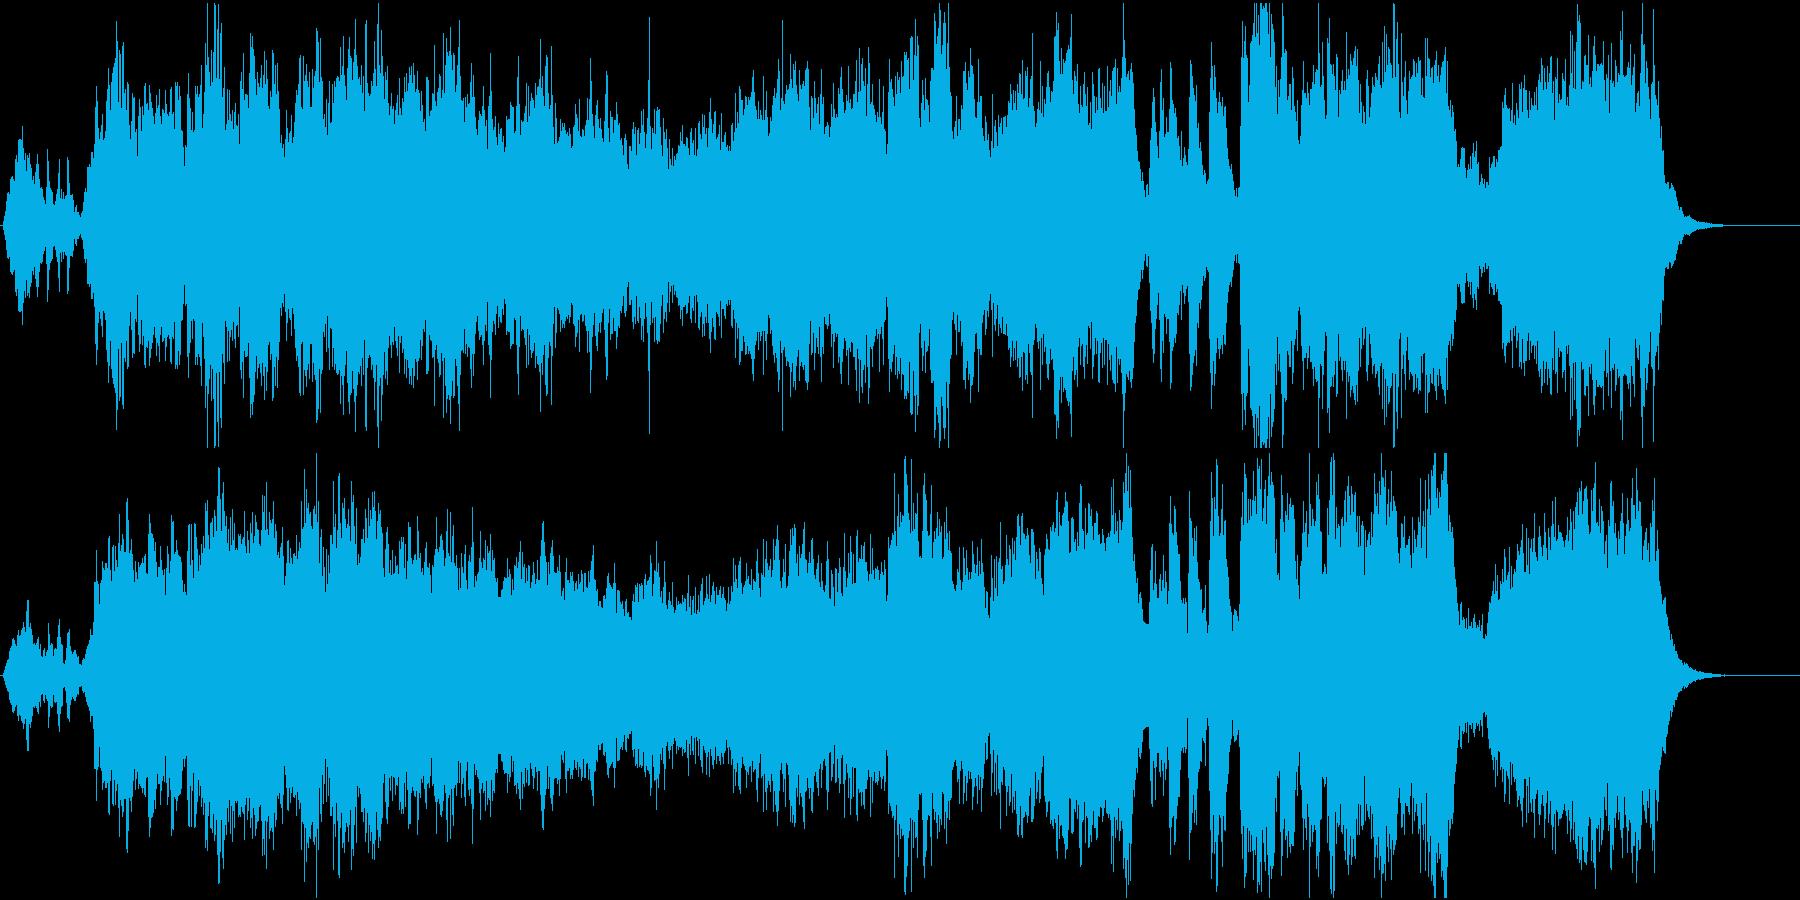 オープニング用、中世風のオーケストラ楽曲の再生済みの波形